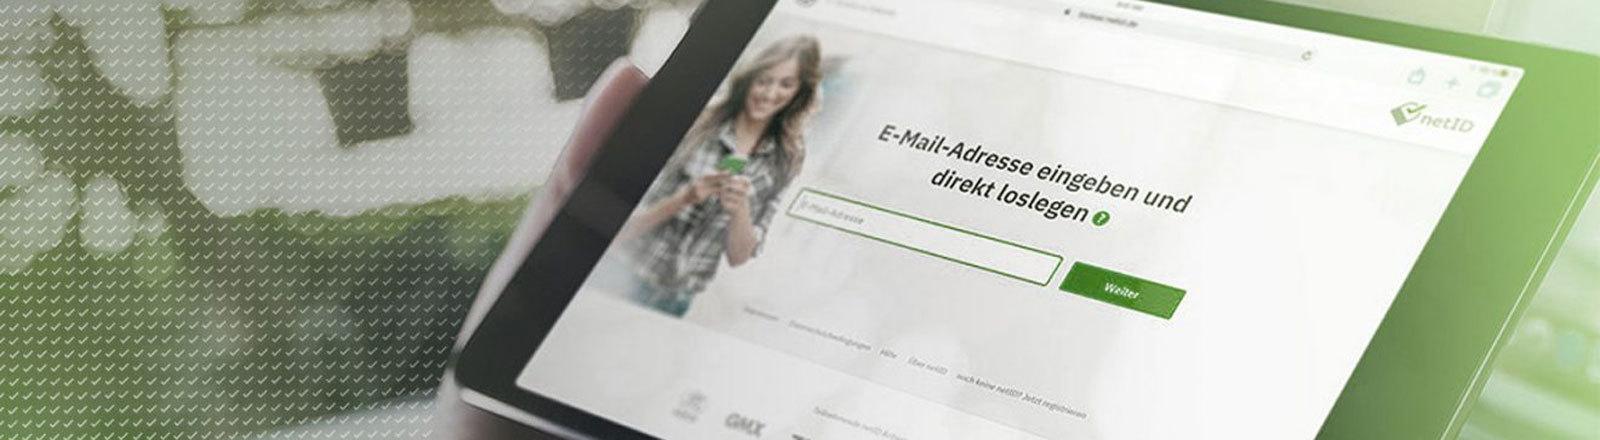 Mann hält Pad mit Website netid.de in der Hand